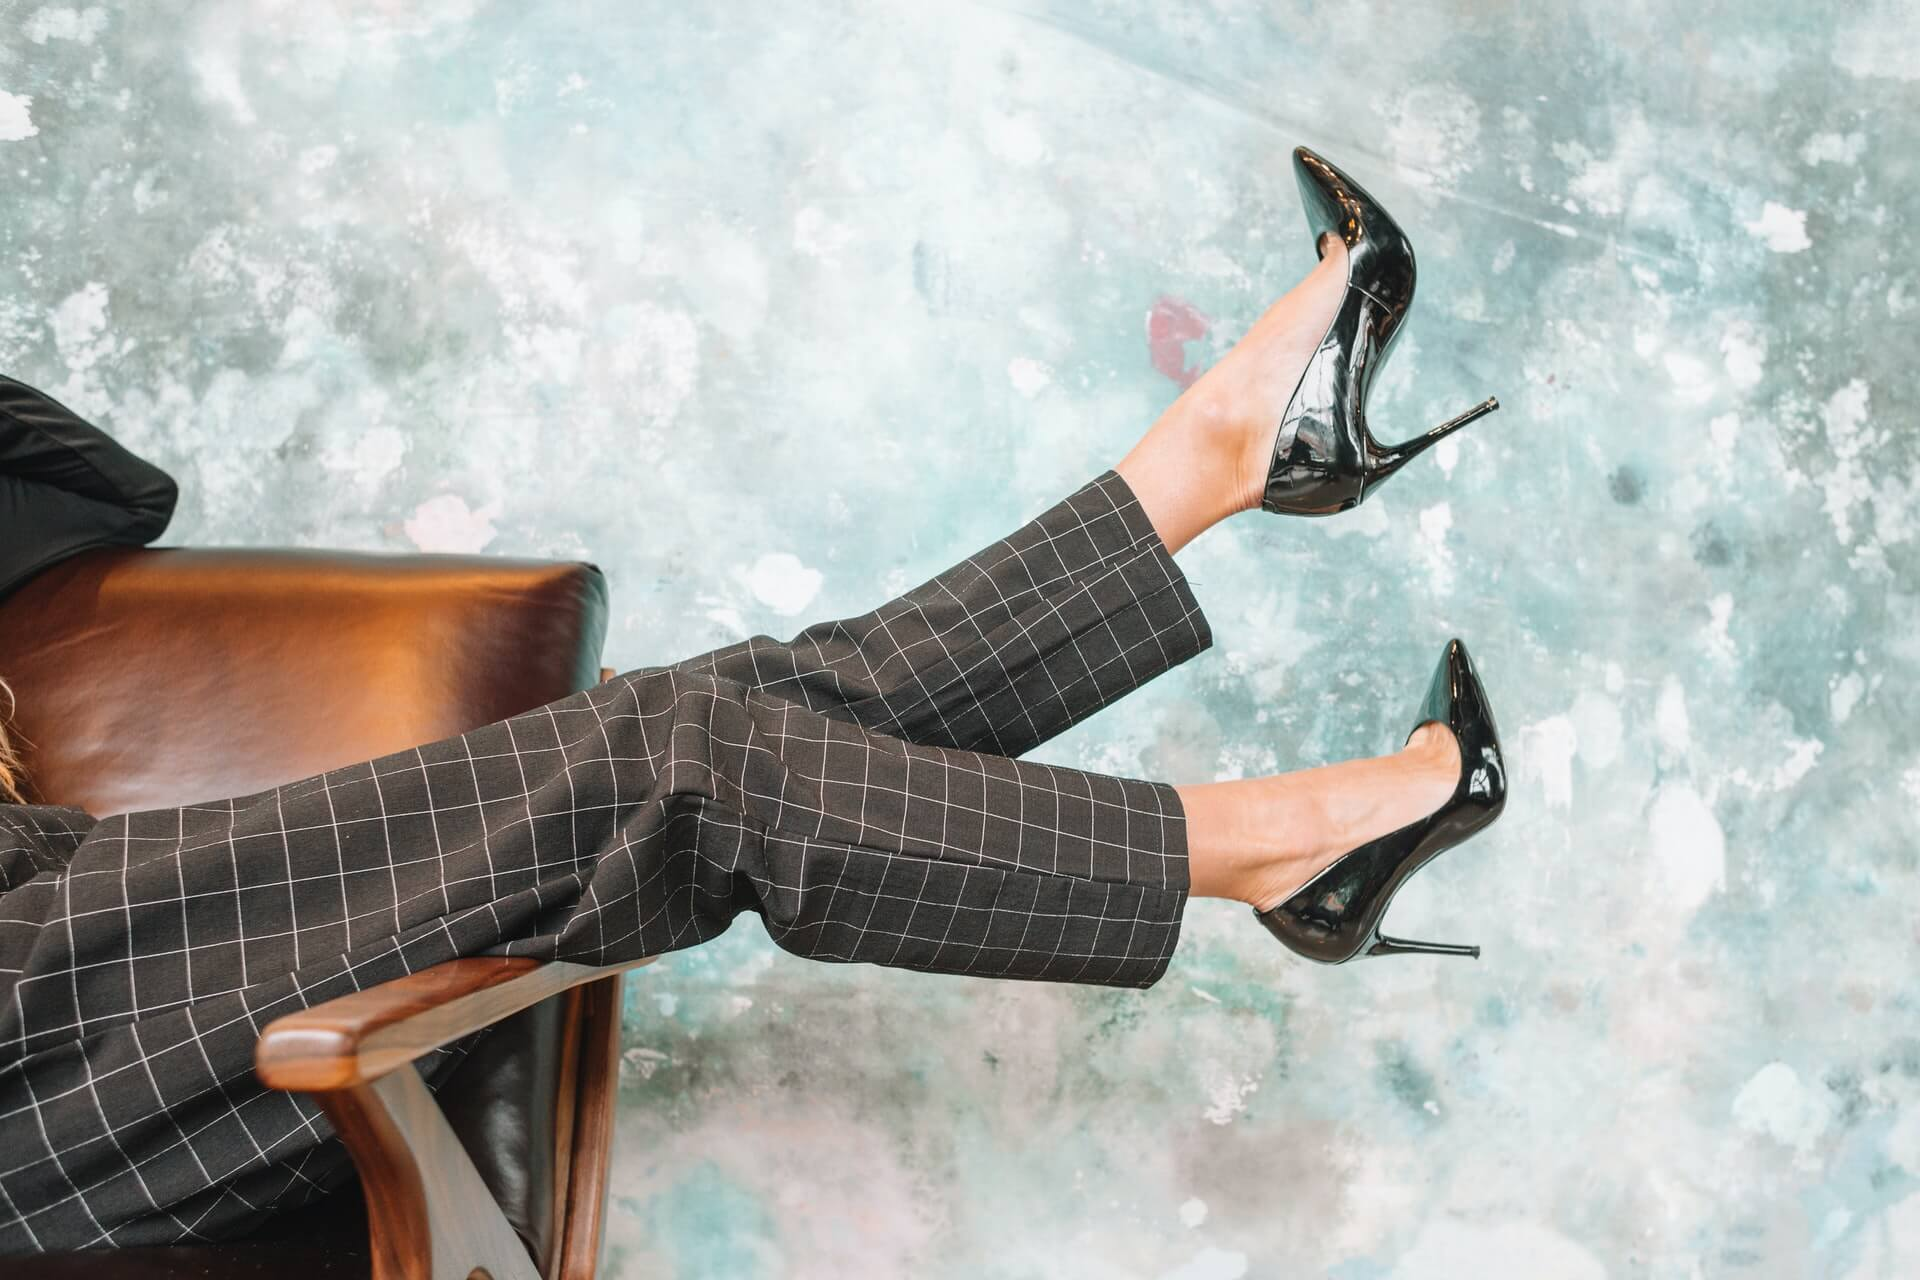 Want better sex? Wear high heels 👠